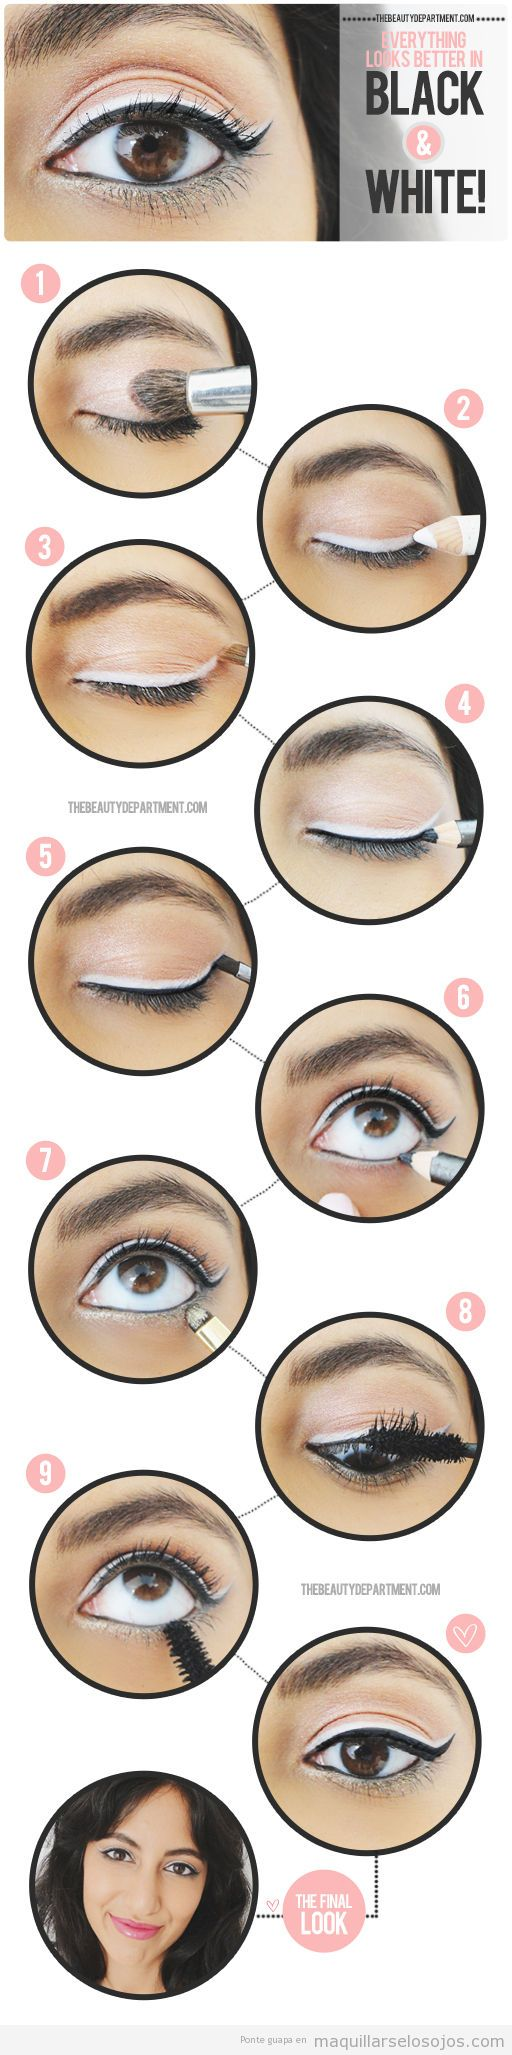 Perfilado de ojos, eyeline en negro y blanco, tutorial paso a paso